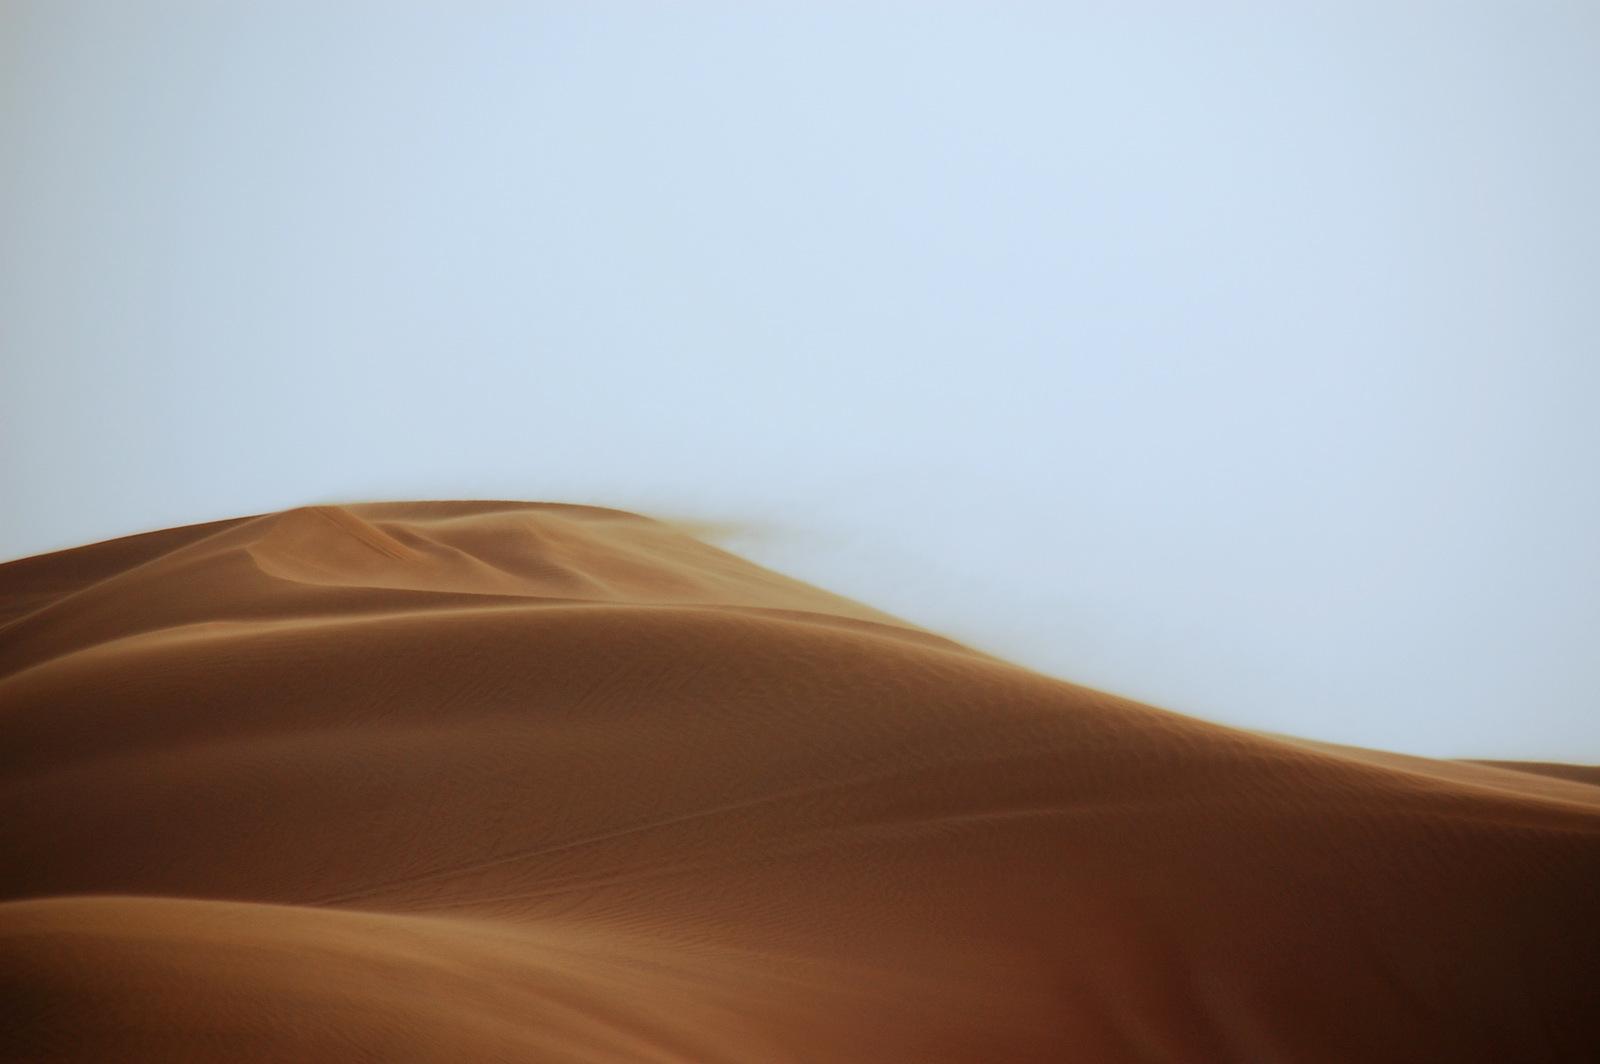 kurz vor dem Sandsturm